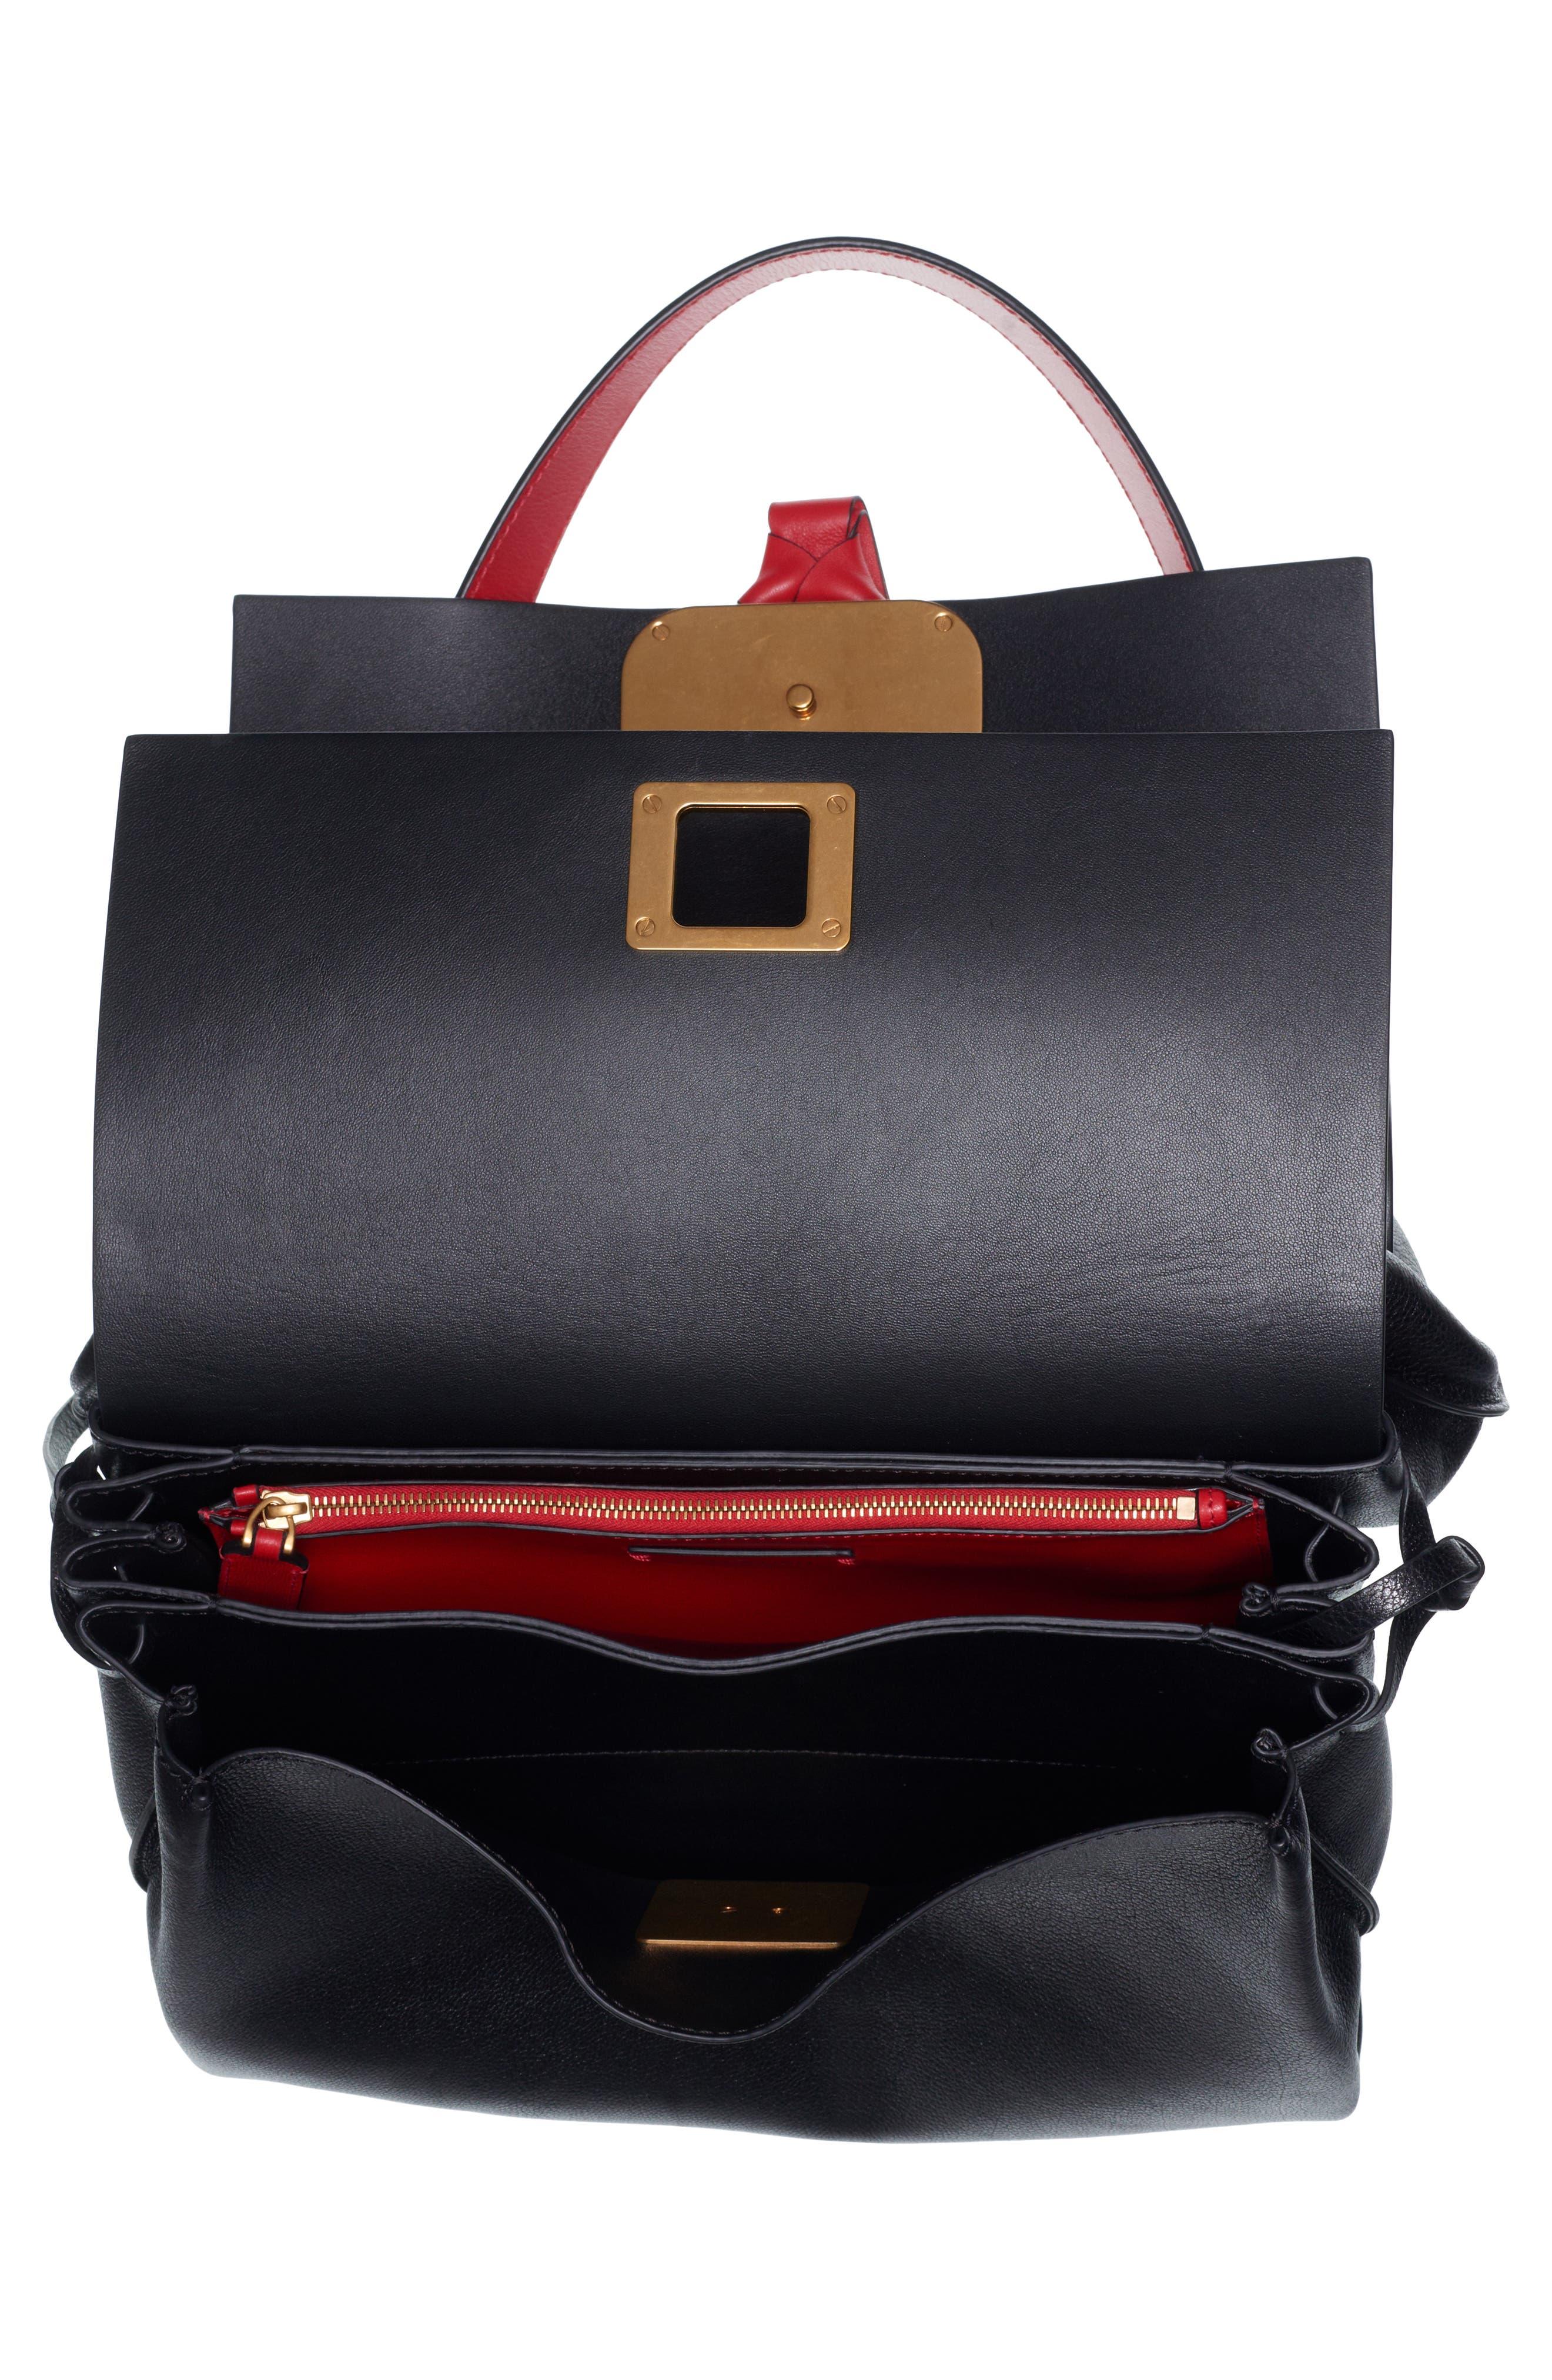 Medium V-Ring Leather Shoulder Bag,                             Alternate thumbnail 3, color,                             ROUGE PUR-CERISE/ NERO